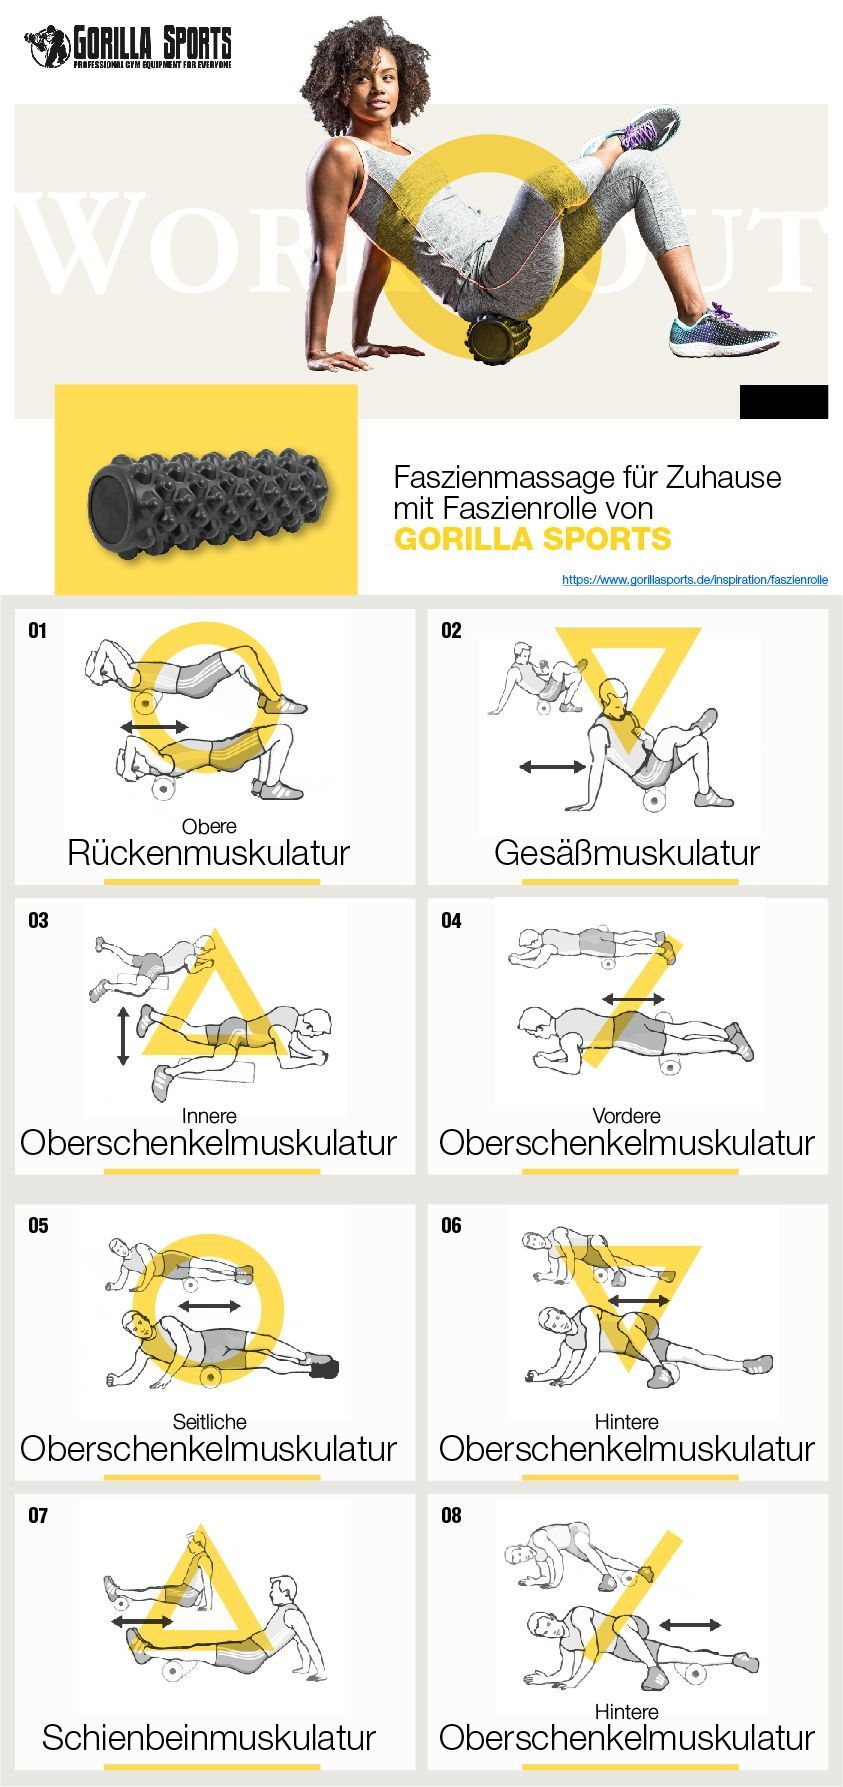 #blackroll schulter #Faszienrolle #GORILLA #Gym #Home #SPORTS #von #workout Faszienrolle von GORILLA...